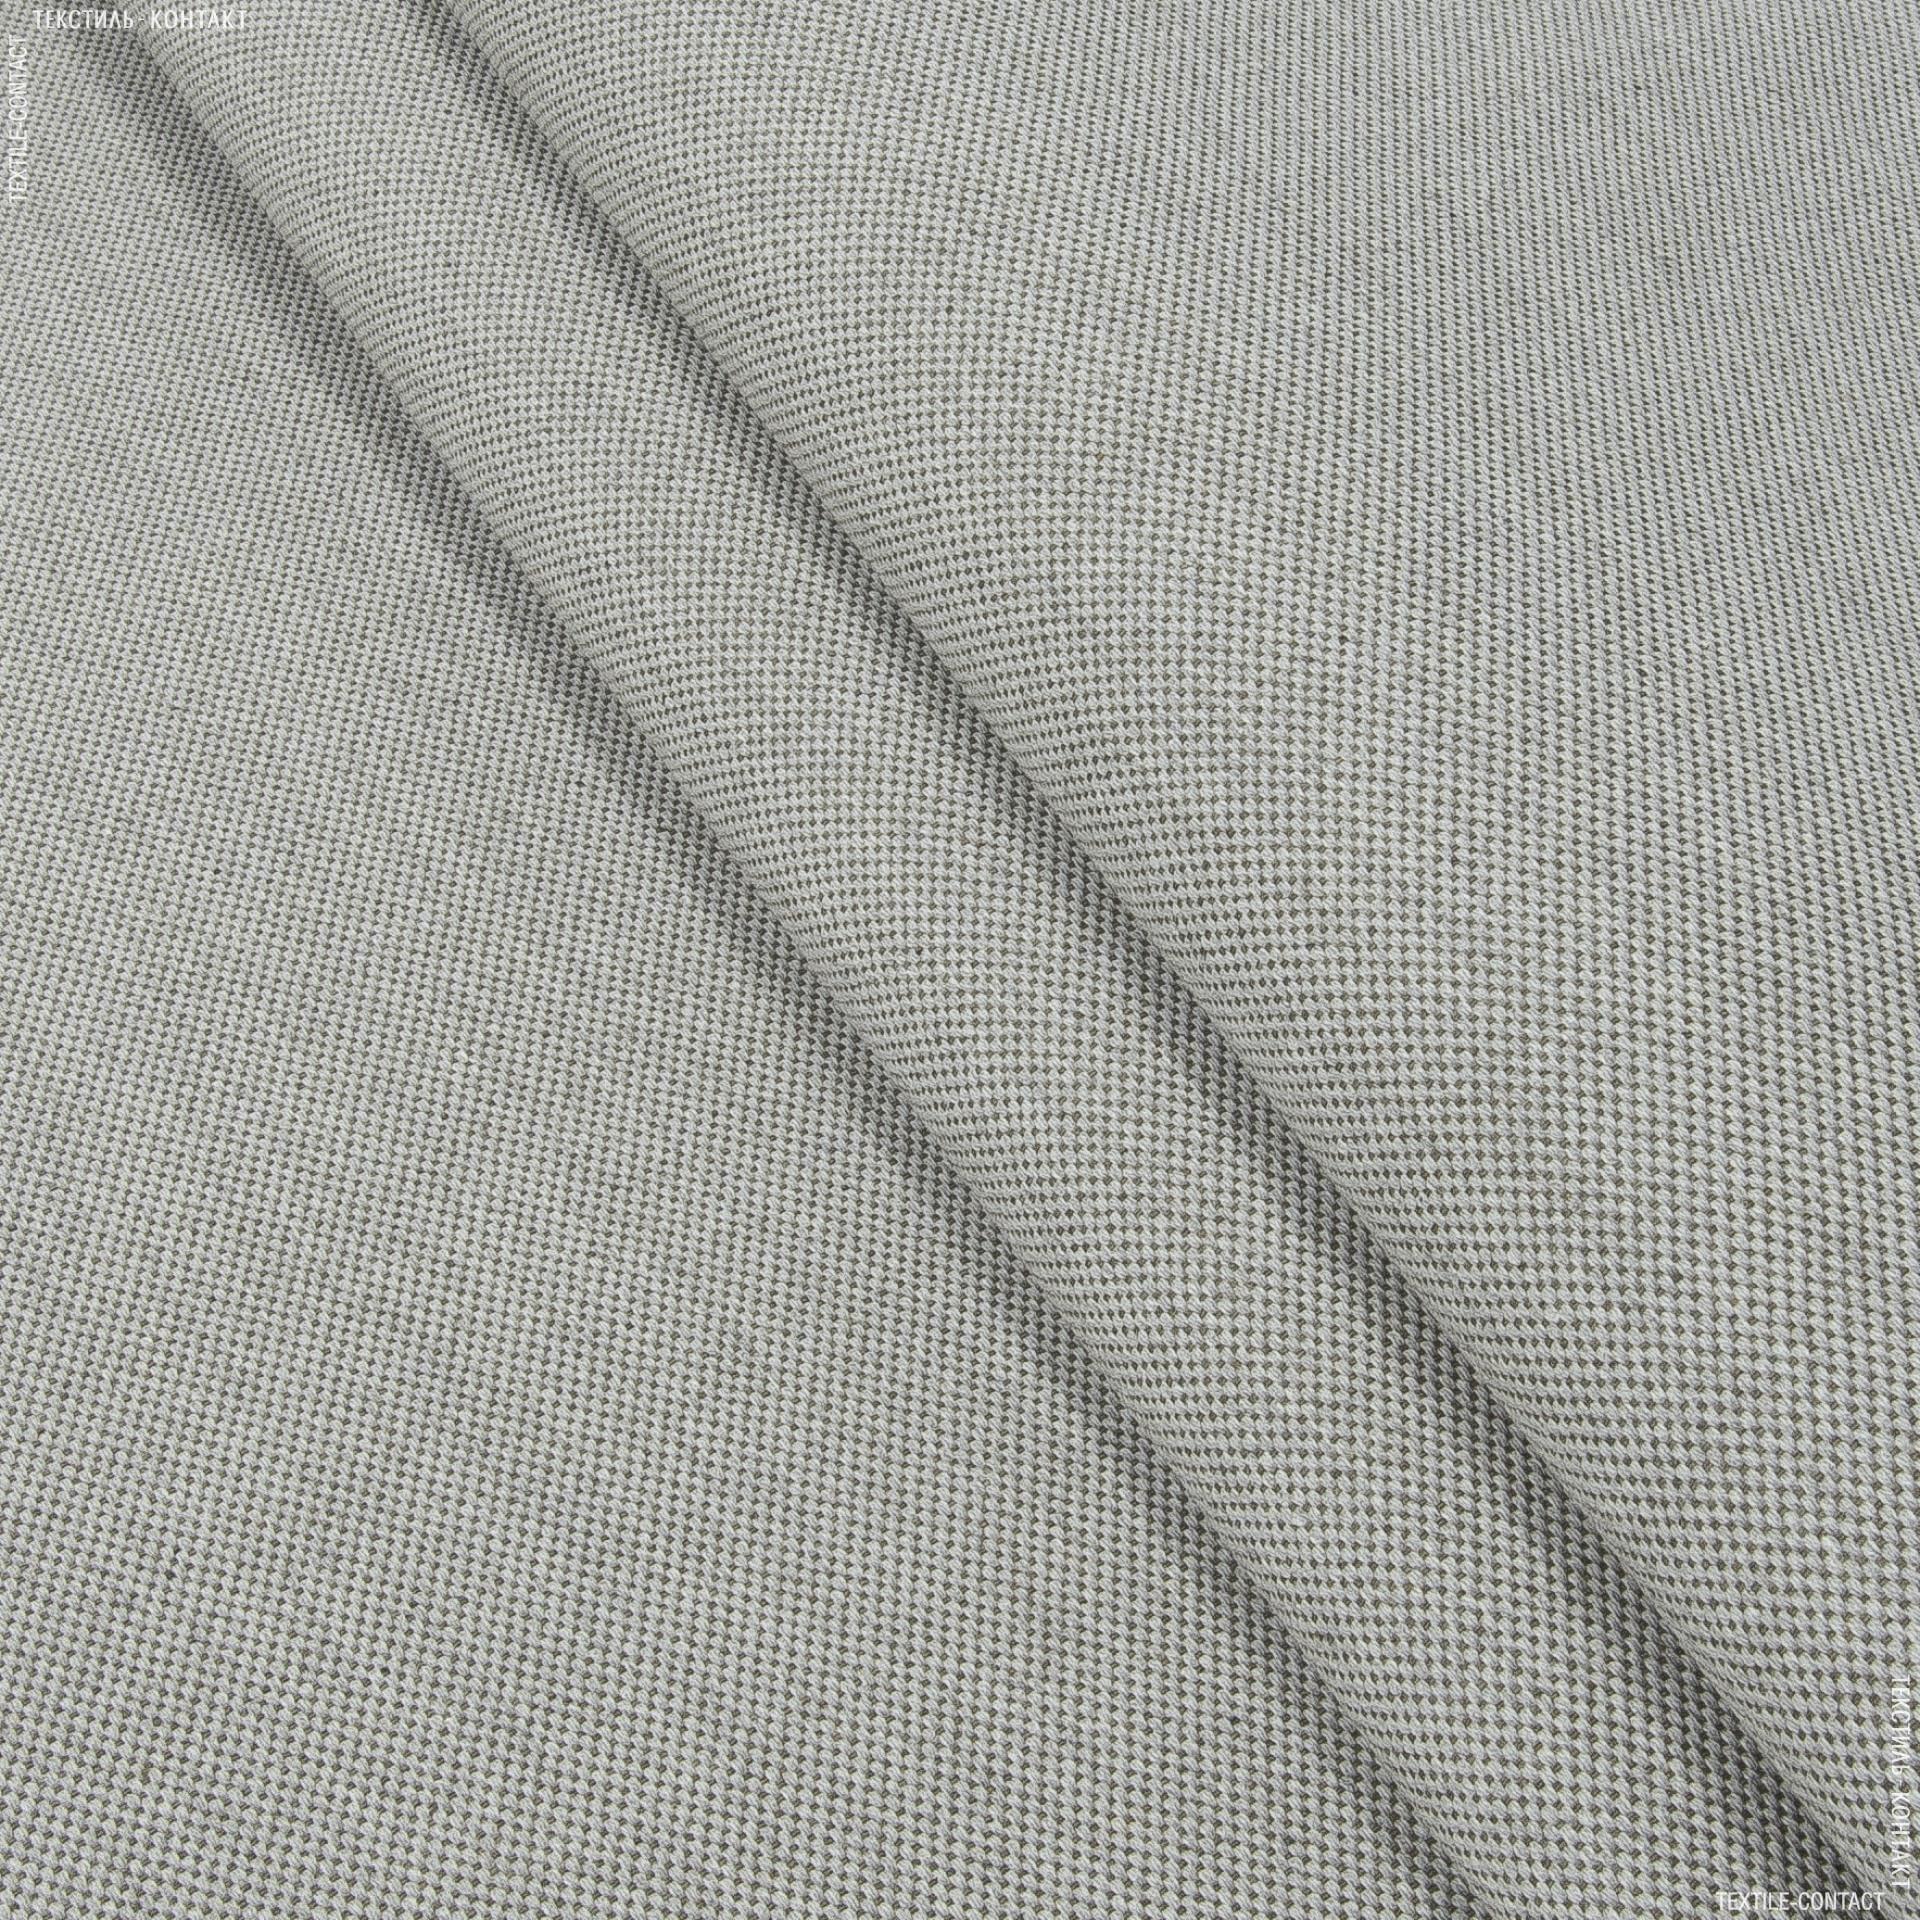 Ткани для маркиз - Декоративная ткань  оскар меланж св.серый,т.беж